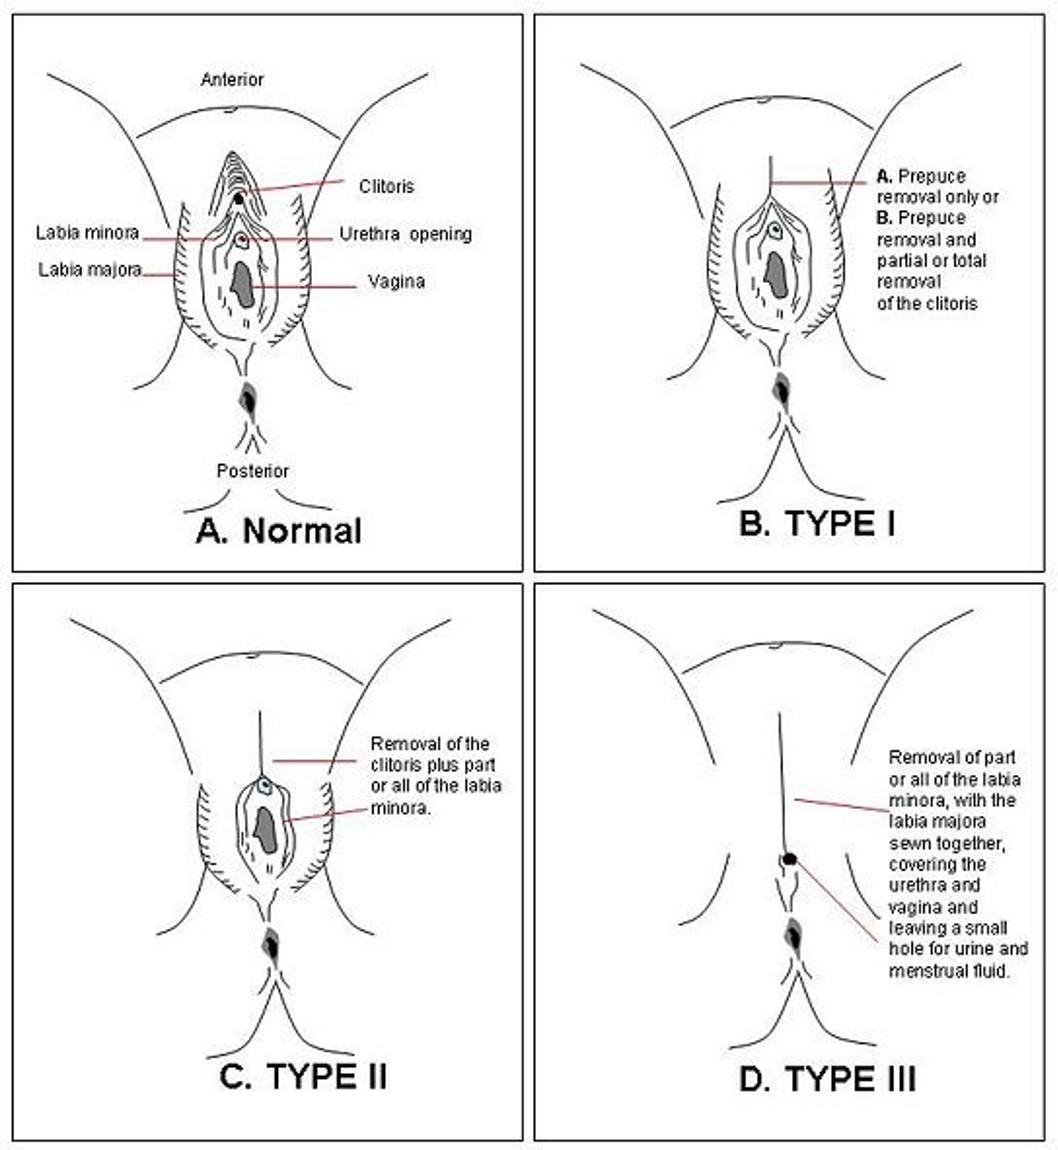 clitoridectomy